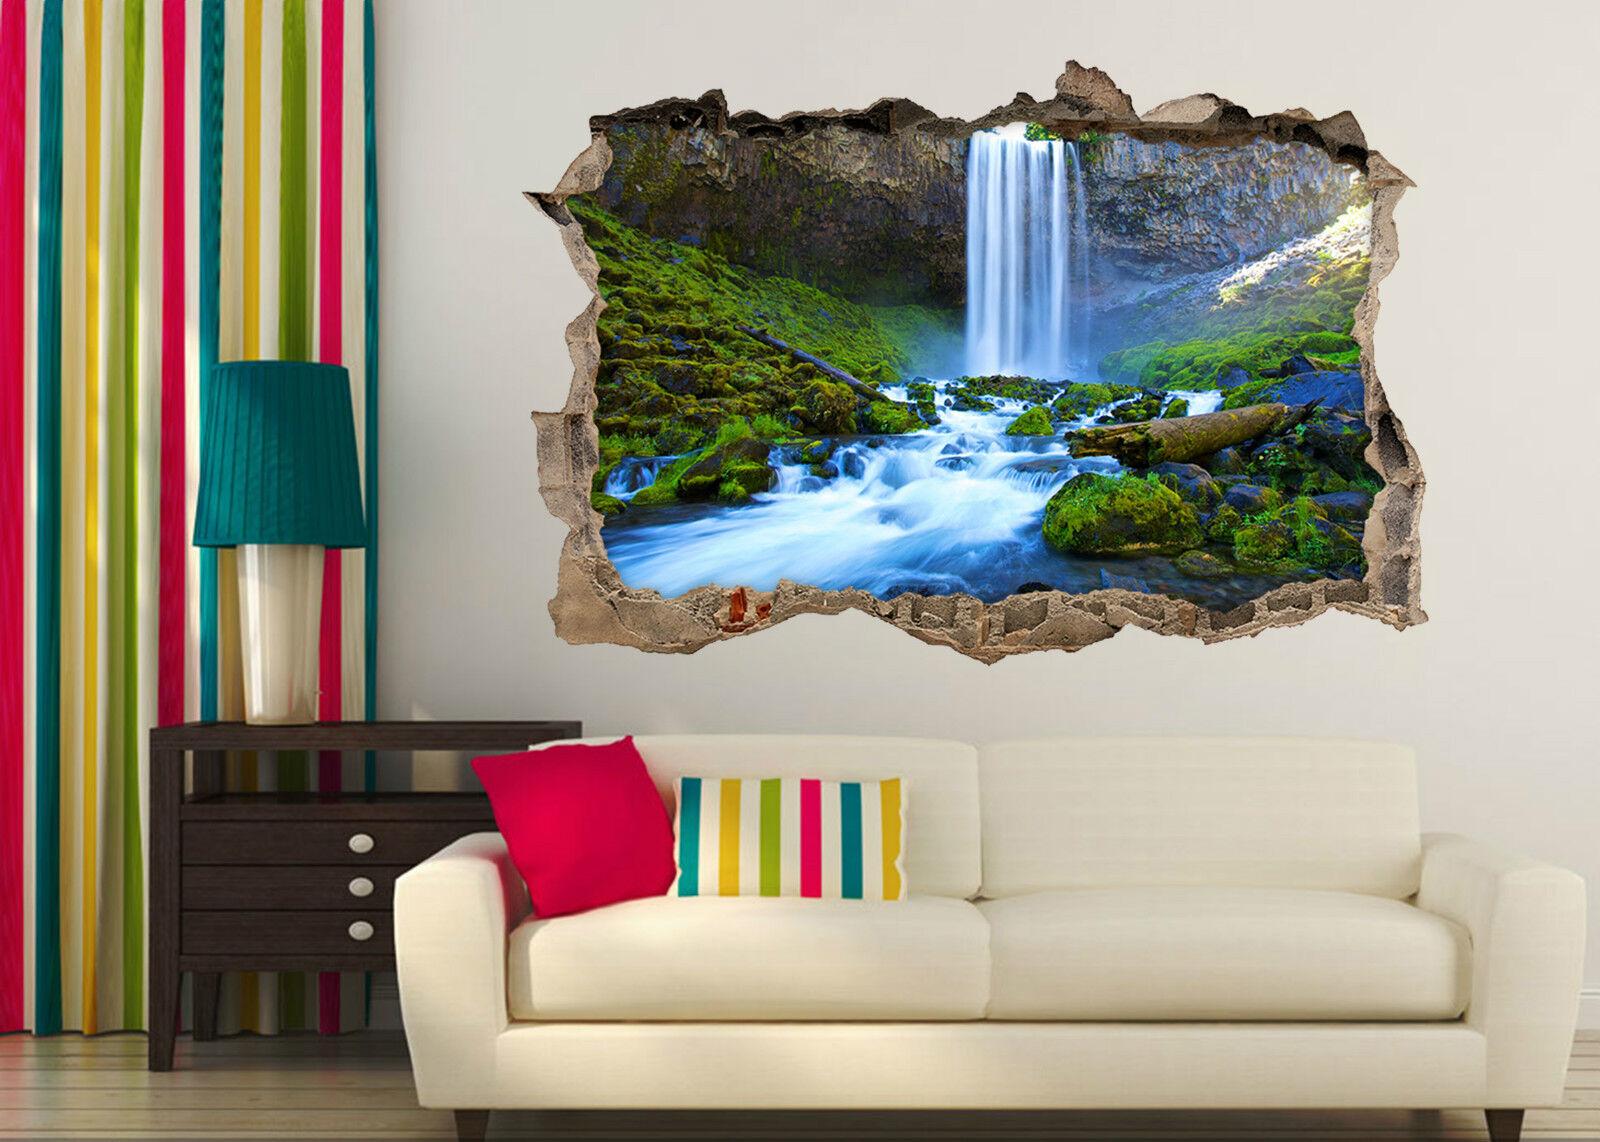 3D Wasserfall 623 Mauer Murals Aufklebe Decal Durchbruch AJ WALLPAPER DE Lemon